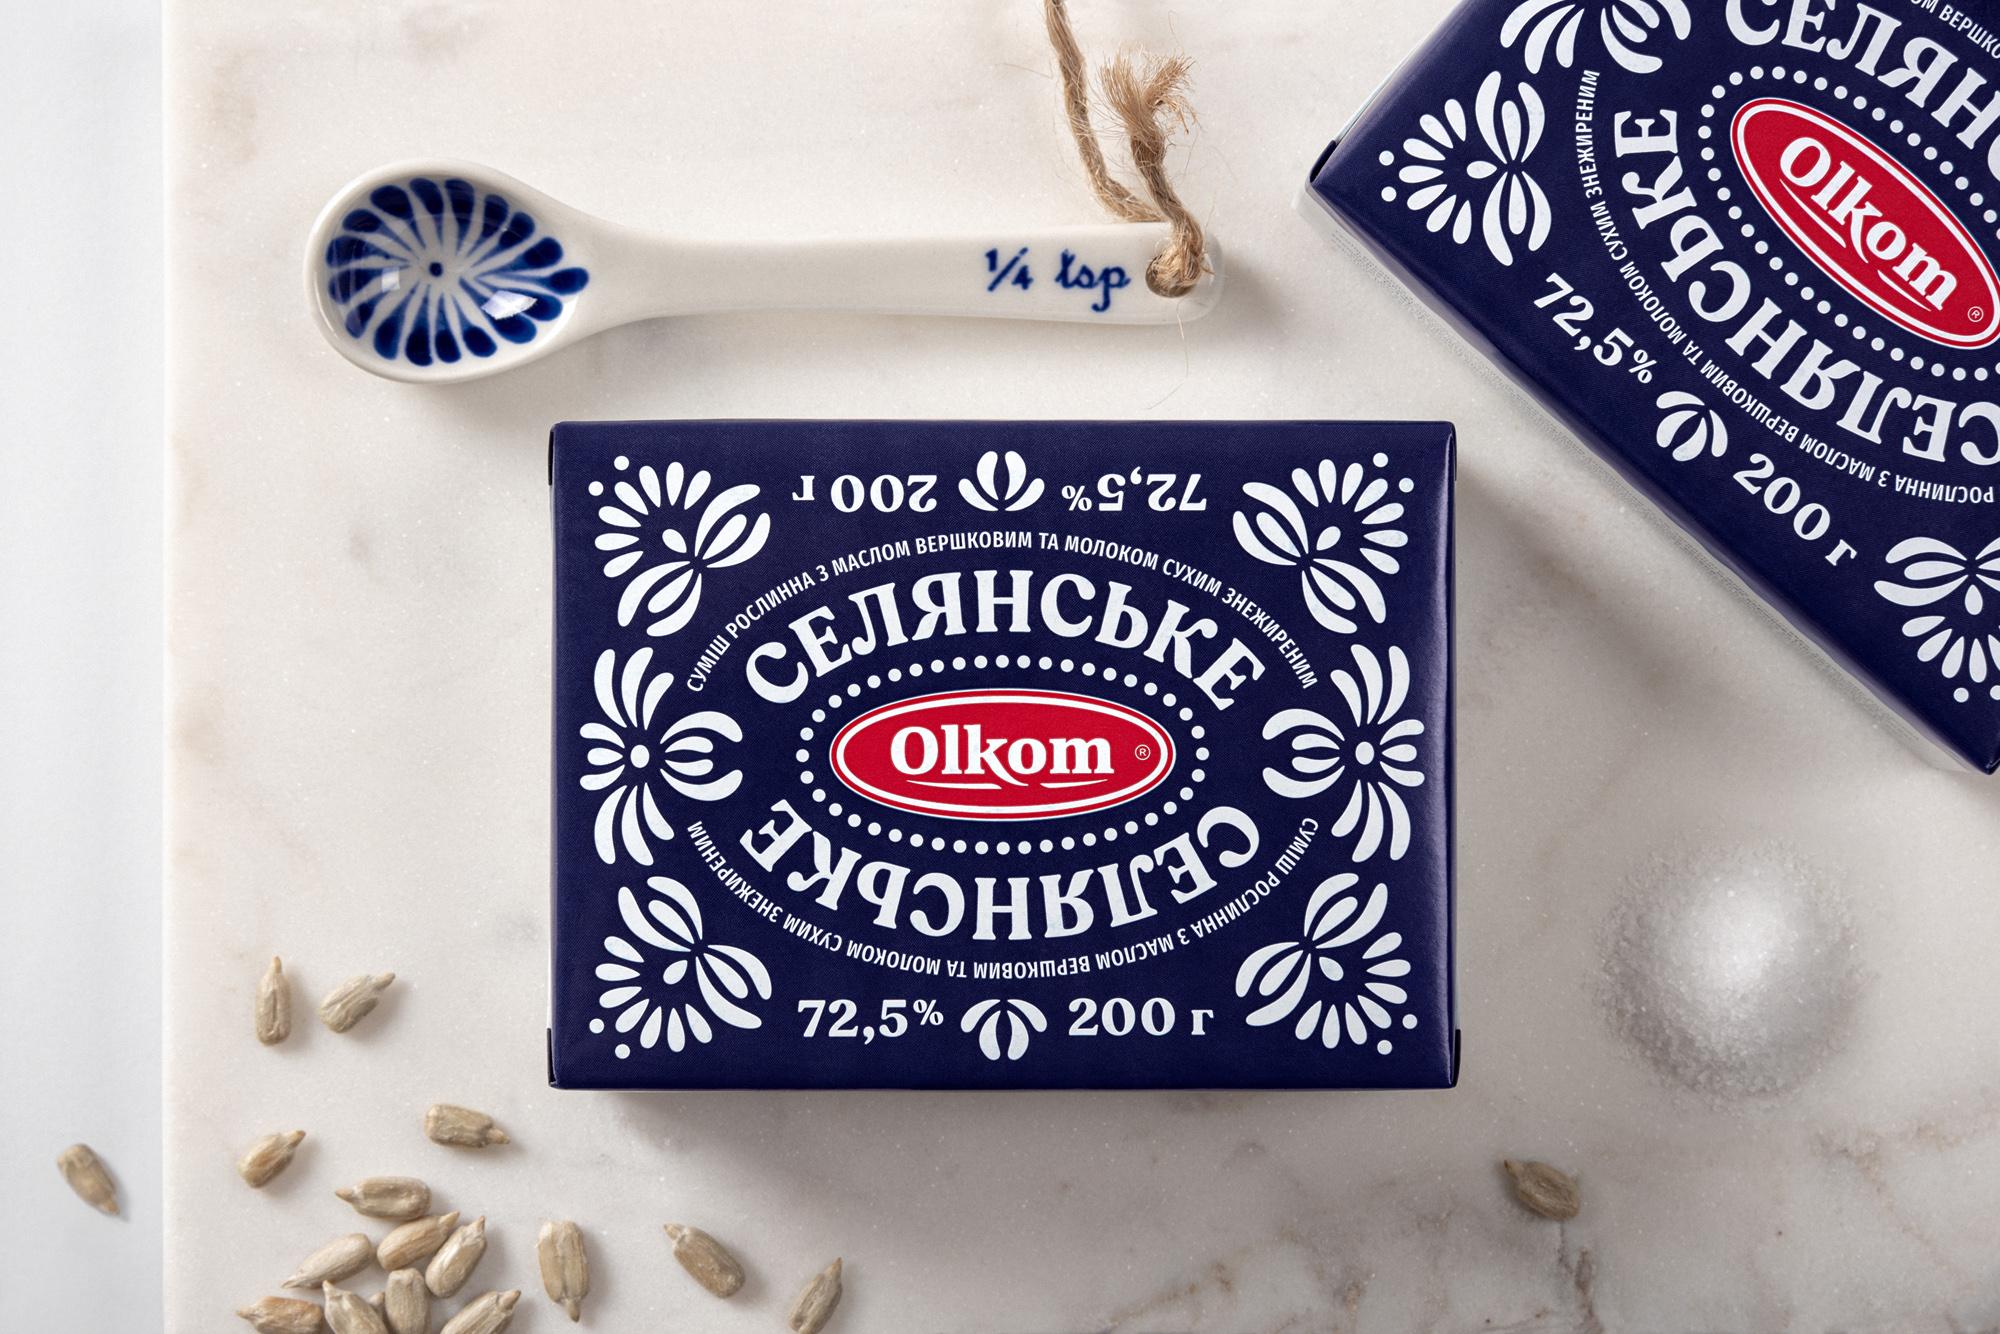 Branding and Packaging Design for Olkom, Ukrainian's Famous Sunflower Oil-Based Spreads by Gutsulyak.Studio